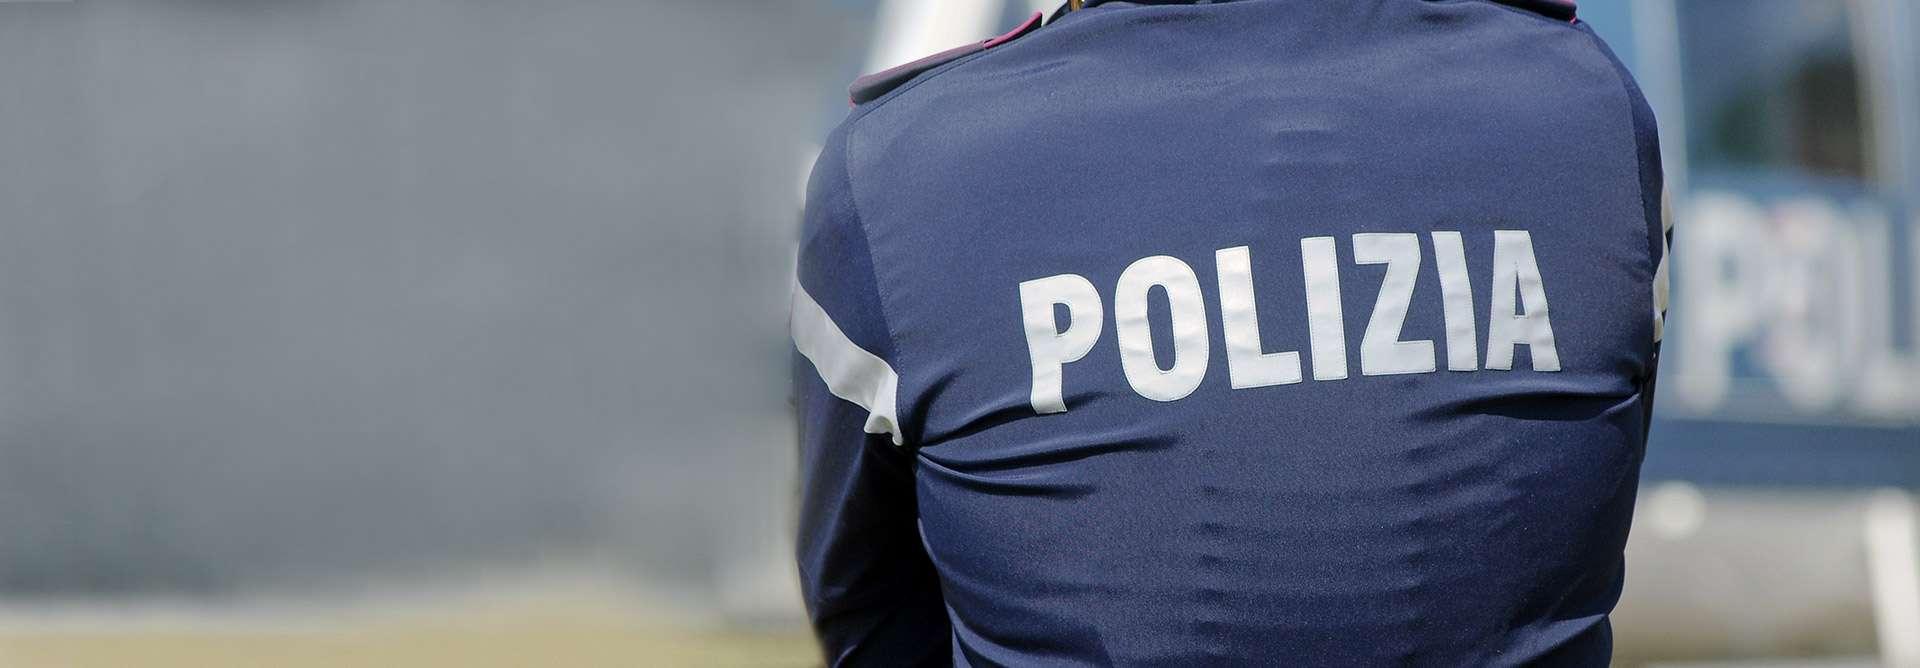 Convenzioni personale della Polizia di Stato iscritto al COISP